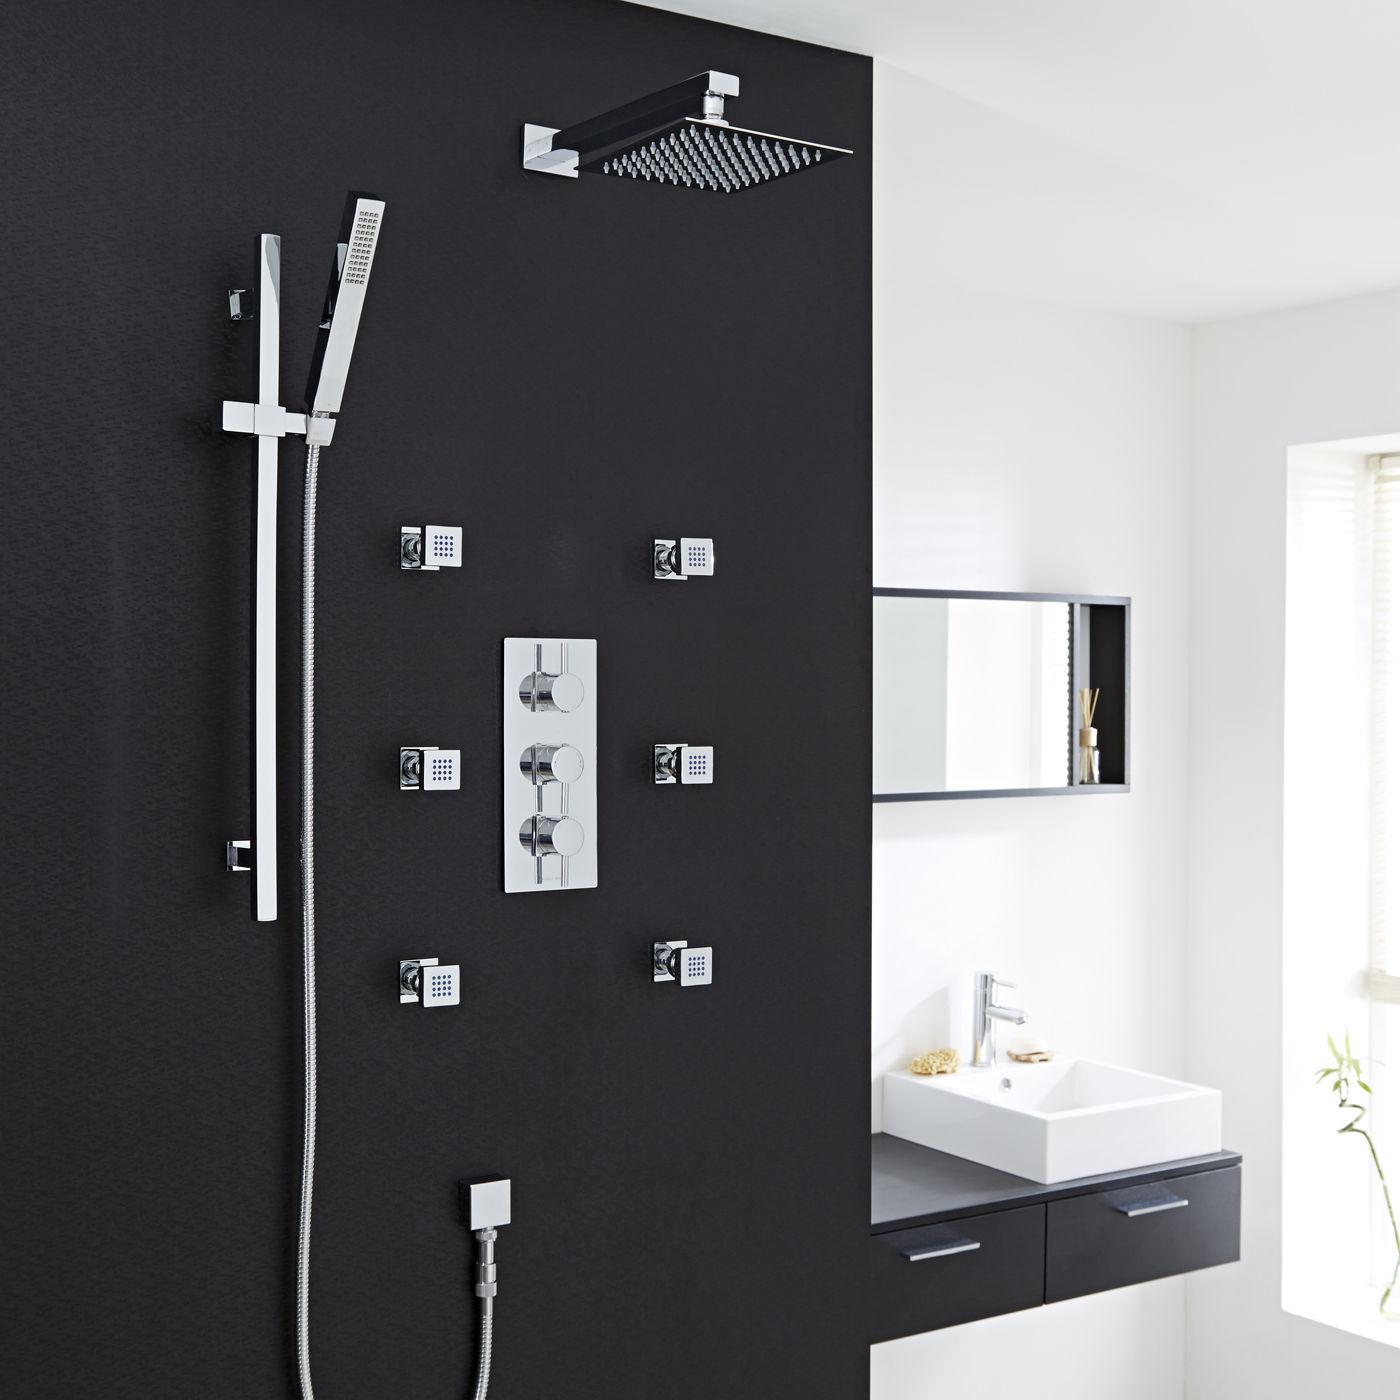 Saint-Étienne Chrome Thermostatic Shower System Set